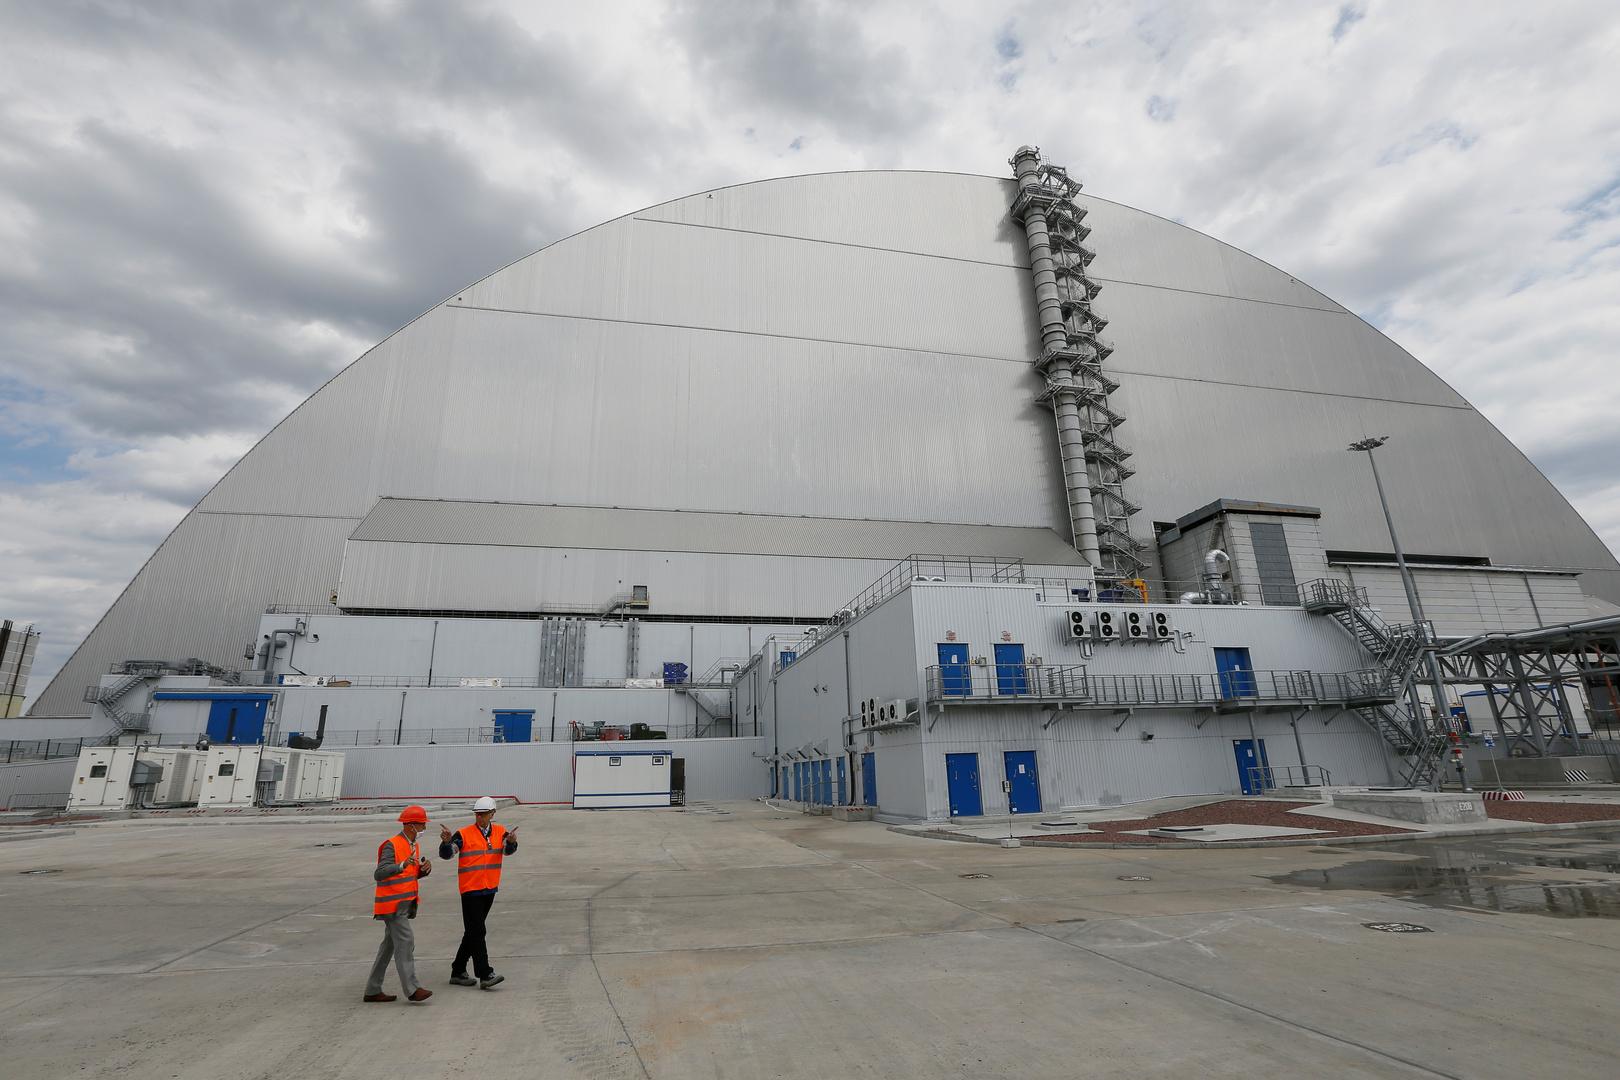 باحثون يرصدون تفاعلات نووية جديدة في